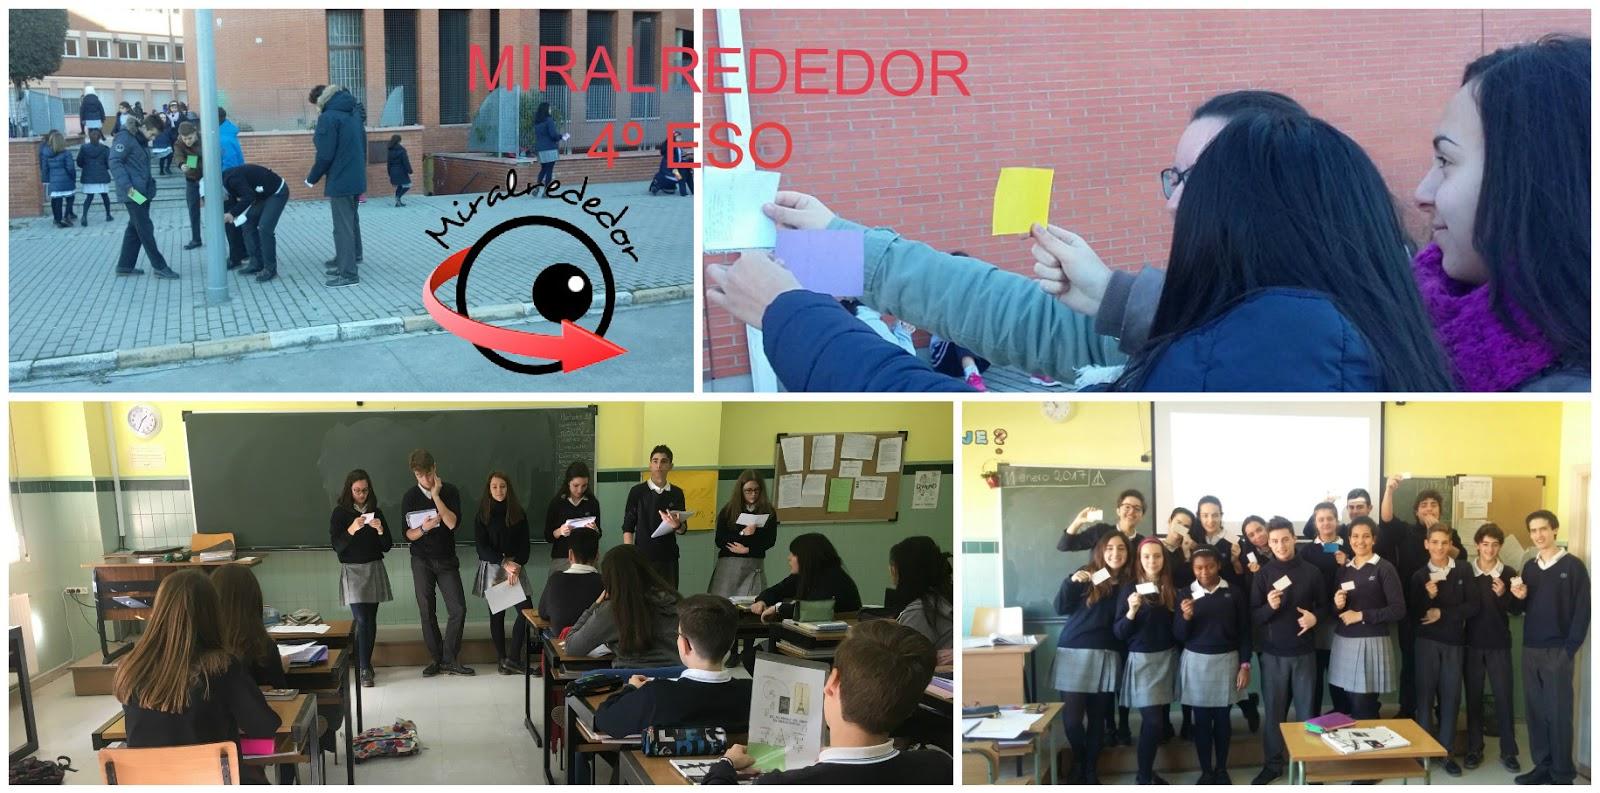 Agustinas Valladolid - ESO 4 - 2017 - Matemáticas - Miralrededor